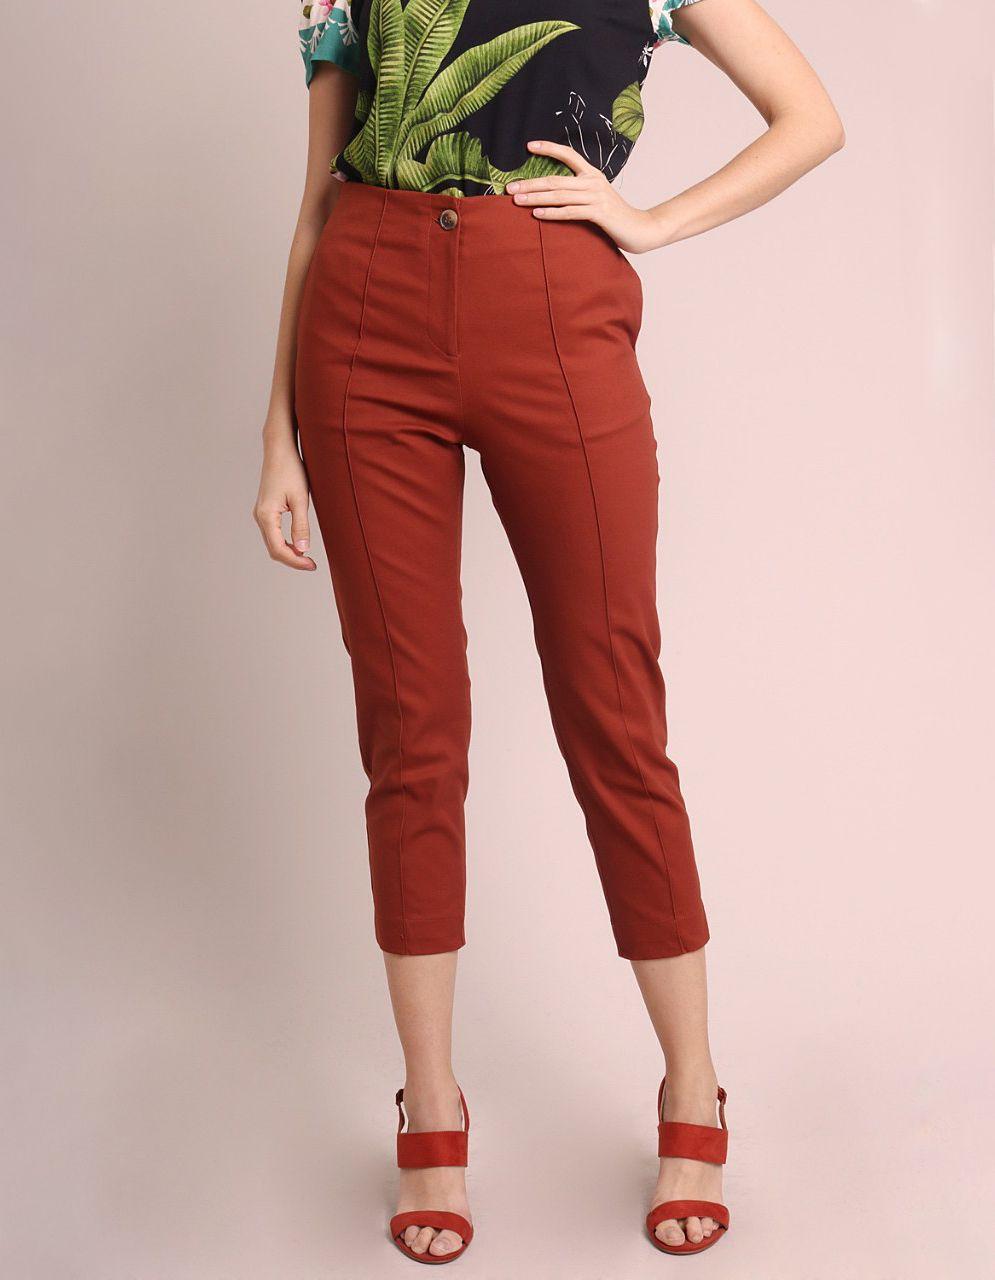 Pantalón Capri algodón marrón, azul oscuro o gris, cremallera frontal y bolsillos laterales Malagueta-72143MAL-E